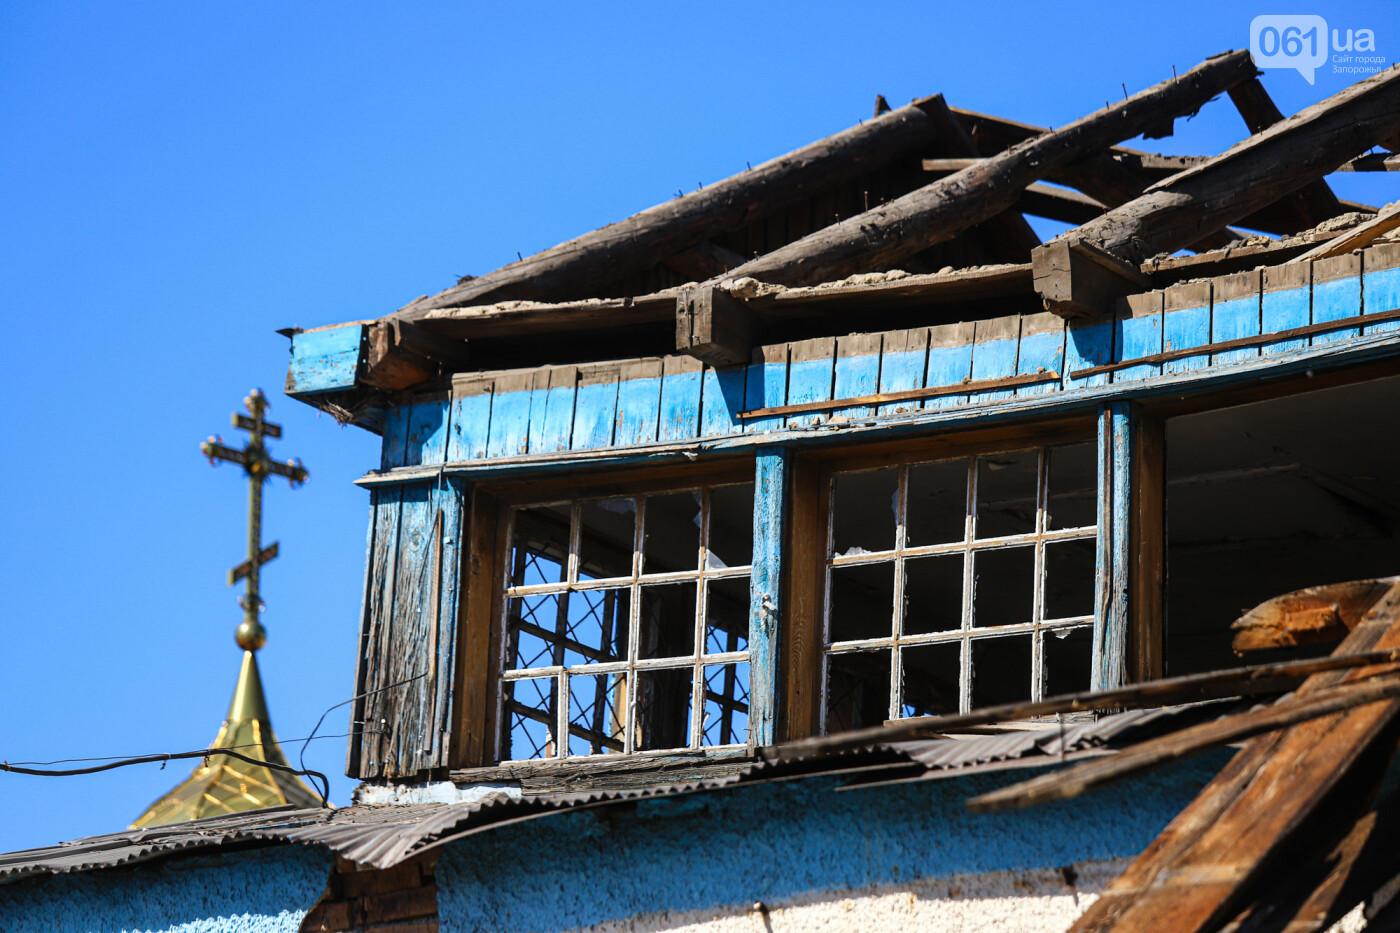 """""""Дело пономарей"""": в Запорожье начали разбирать храм, который пострадал в результате взрыва, - ФОТОРЕПОРТАЖ, фото-9"""